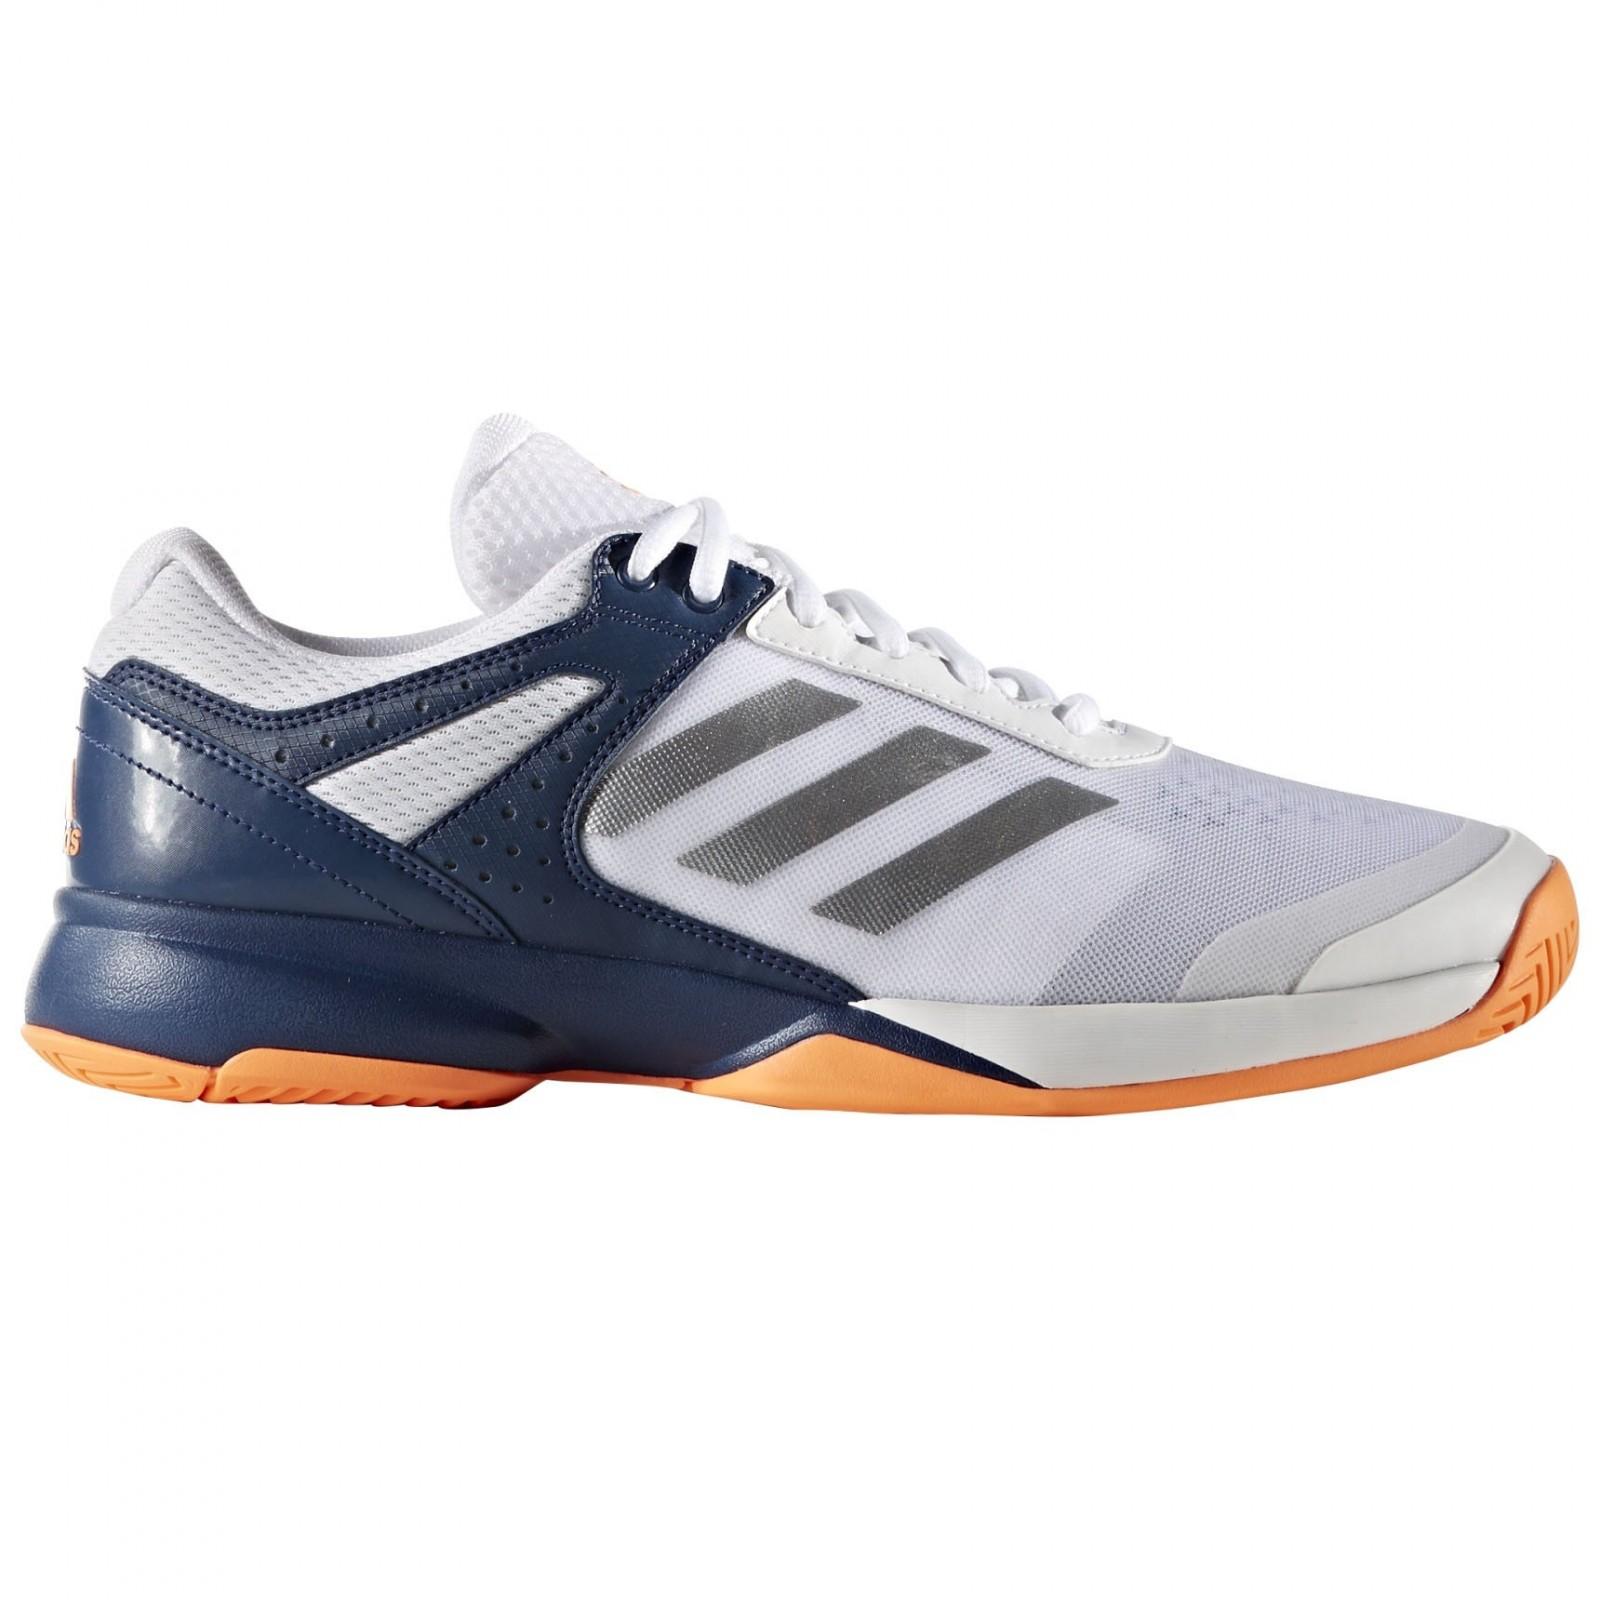 Pánské tenisové boty adidas adizero court  741d516d57